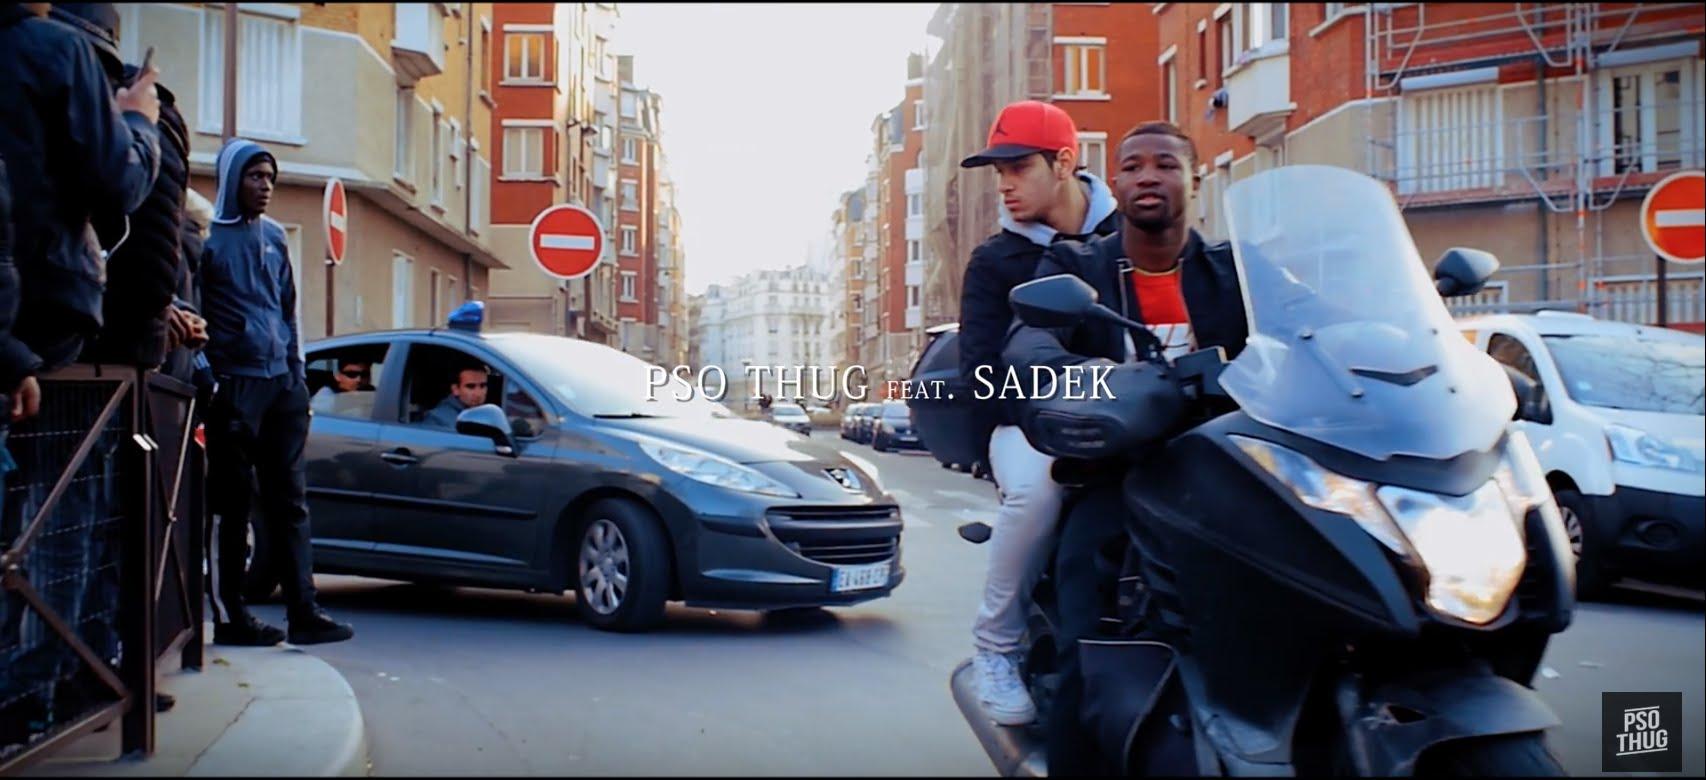 pso-thug-feat-sadek-plein-les-poches